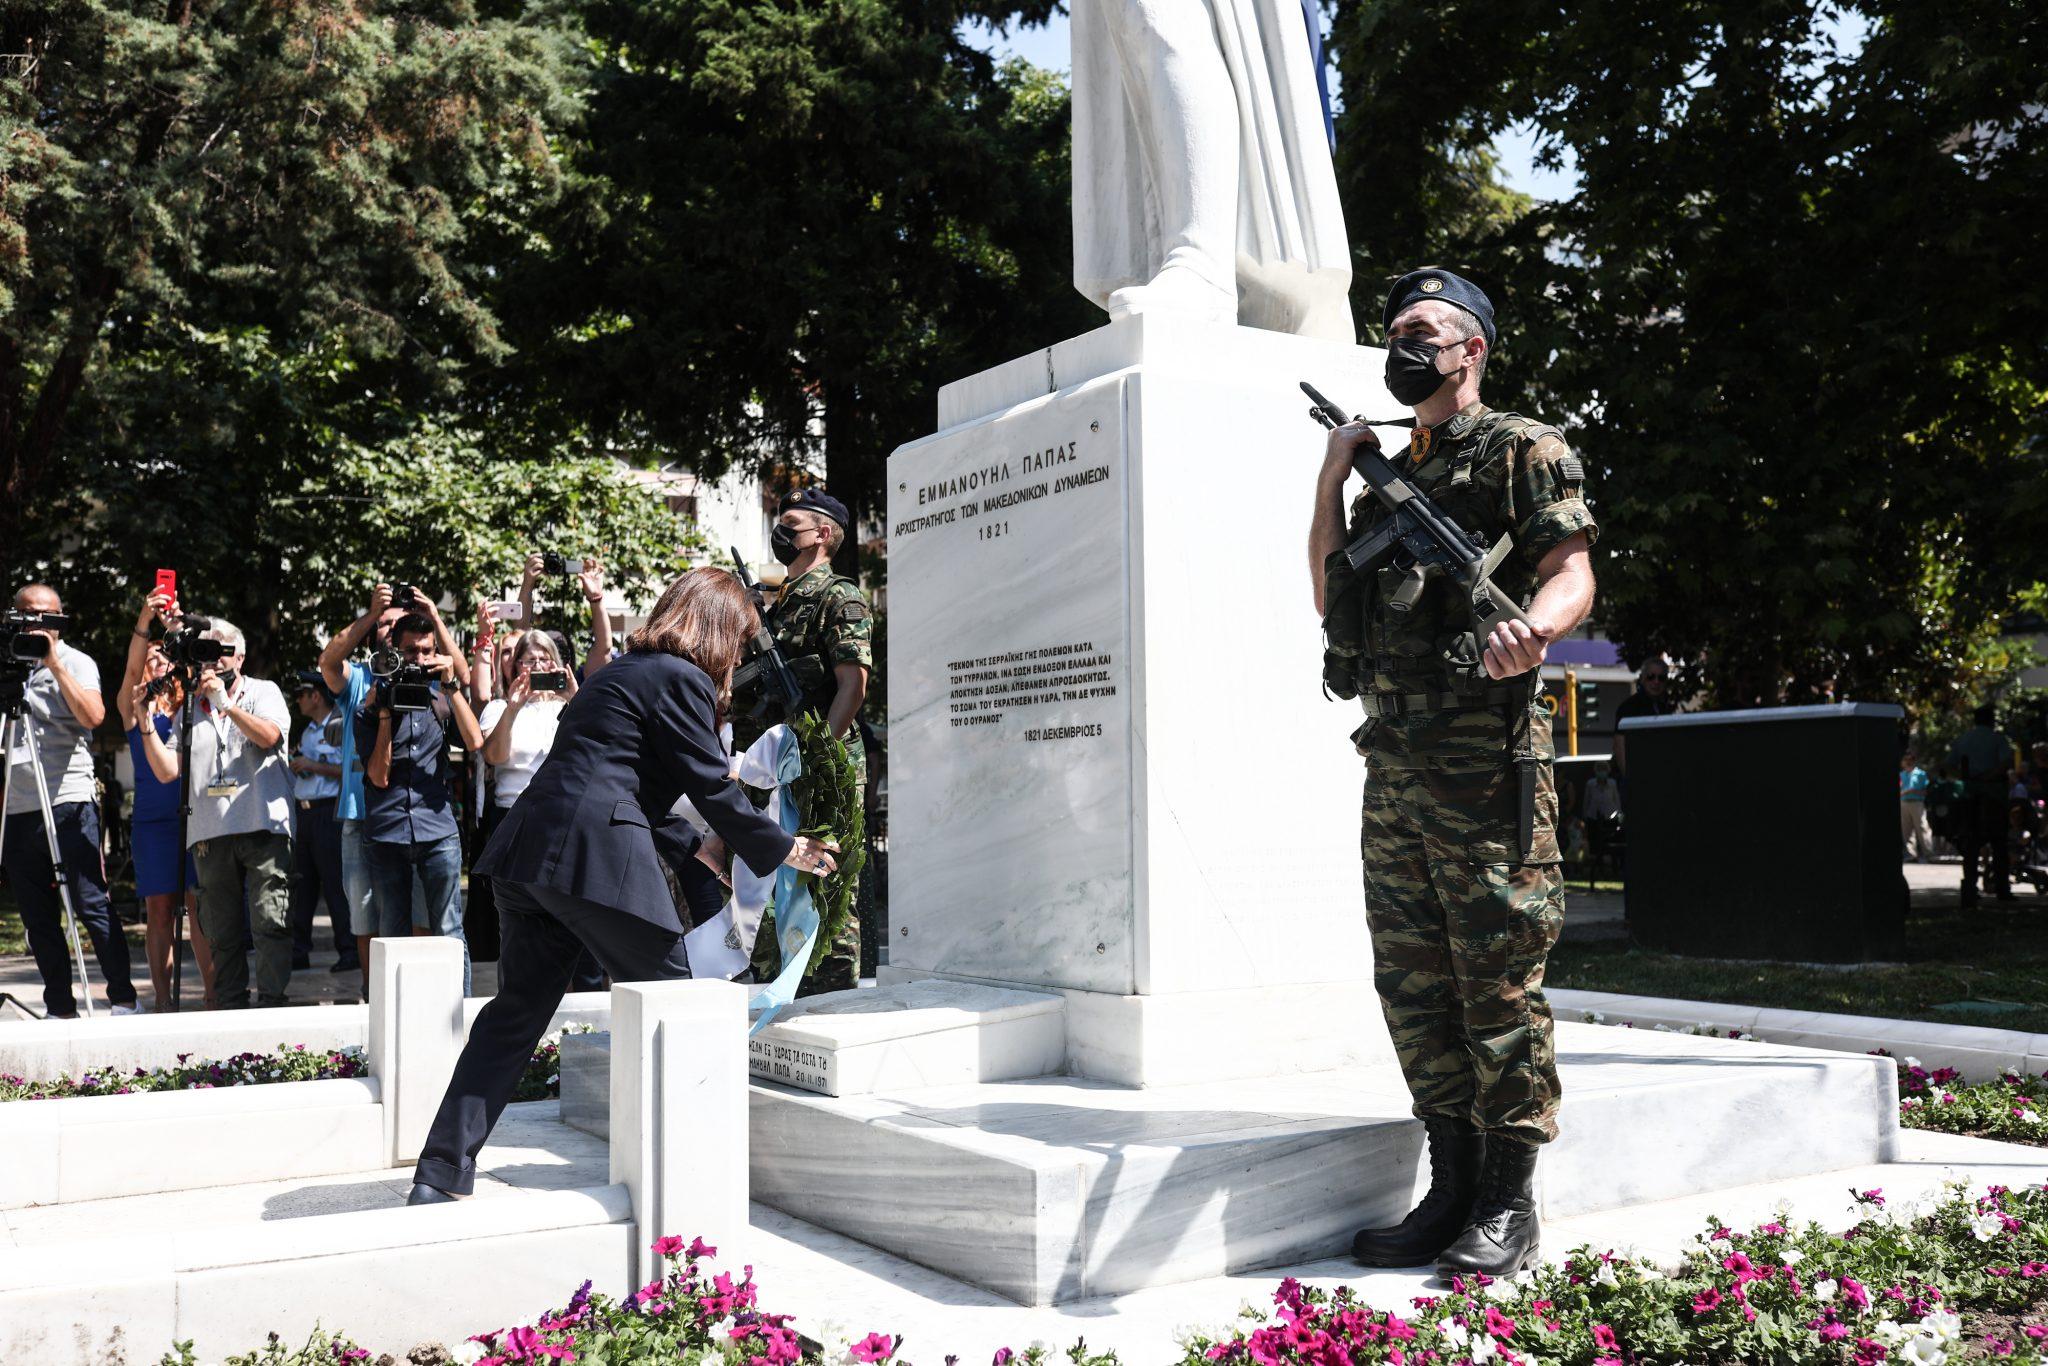 ΠτΔ: Η απελευθέρωση των Σερρών μας εμπνέει και μας εμψυχώνει